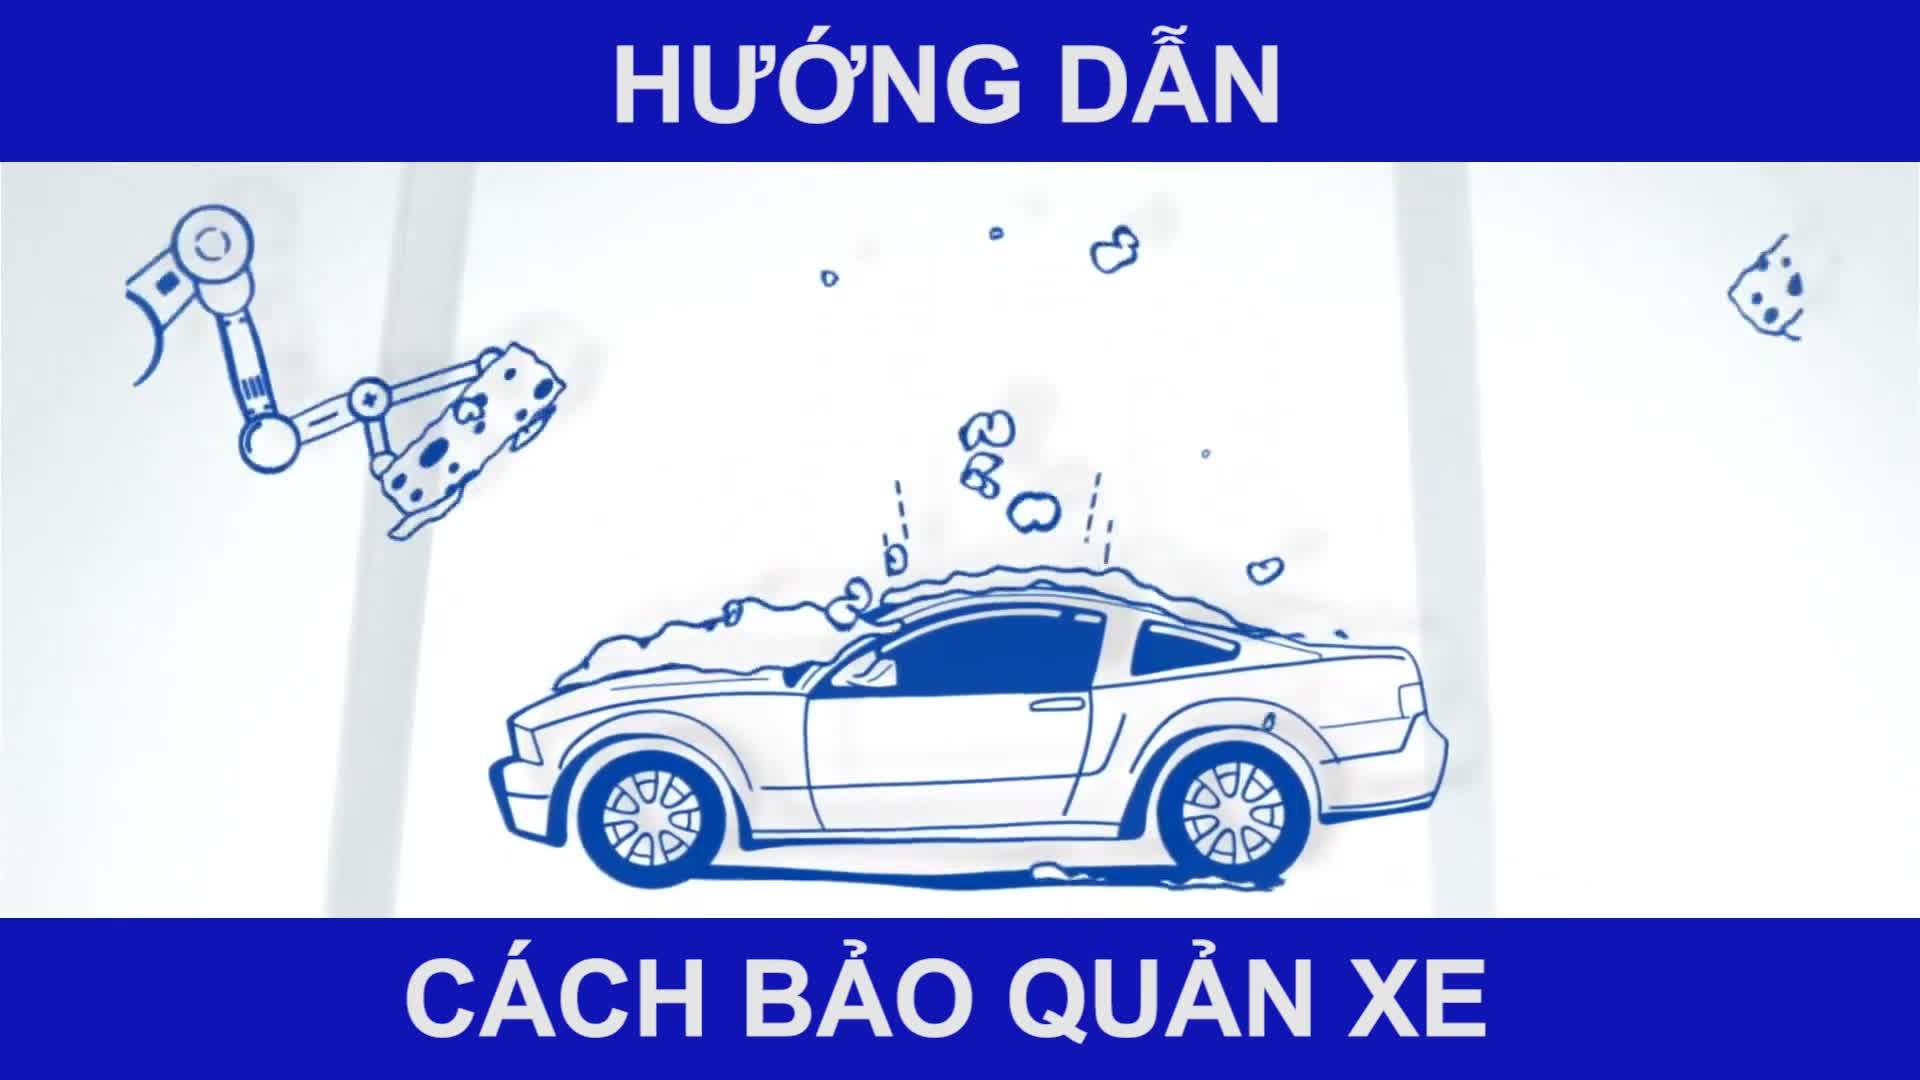 Hướng dẫn bảo quản xe đúng cách